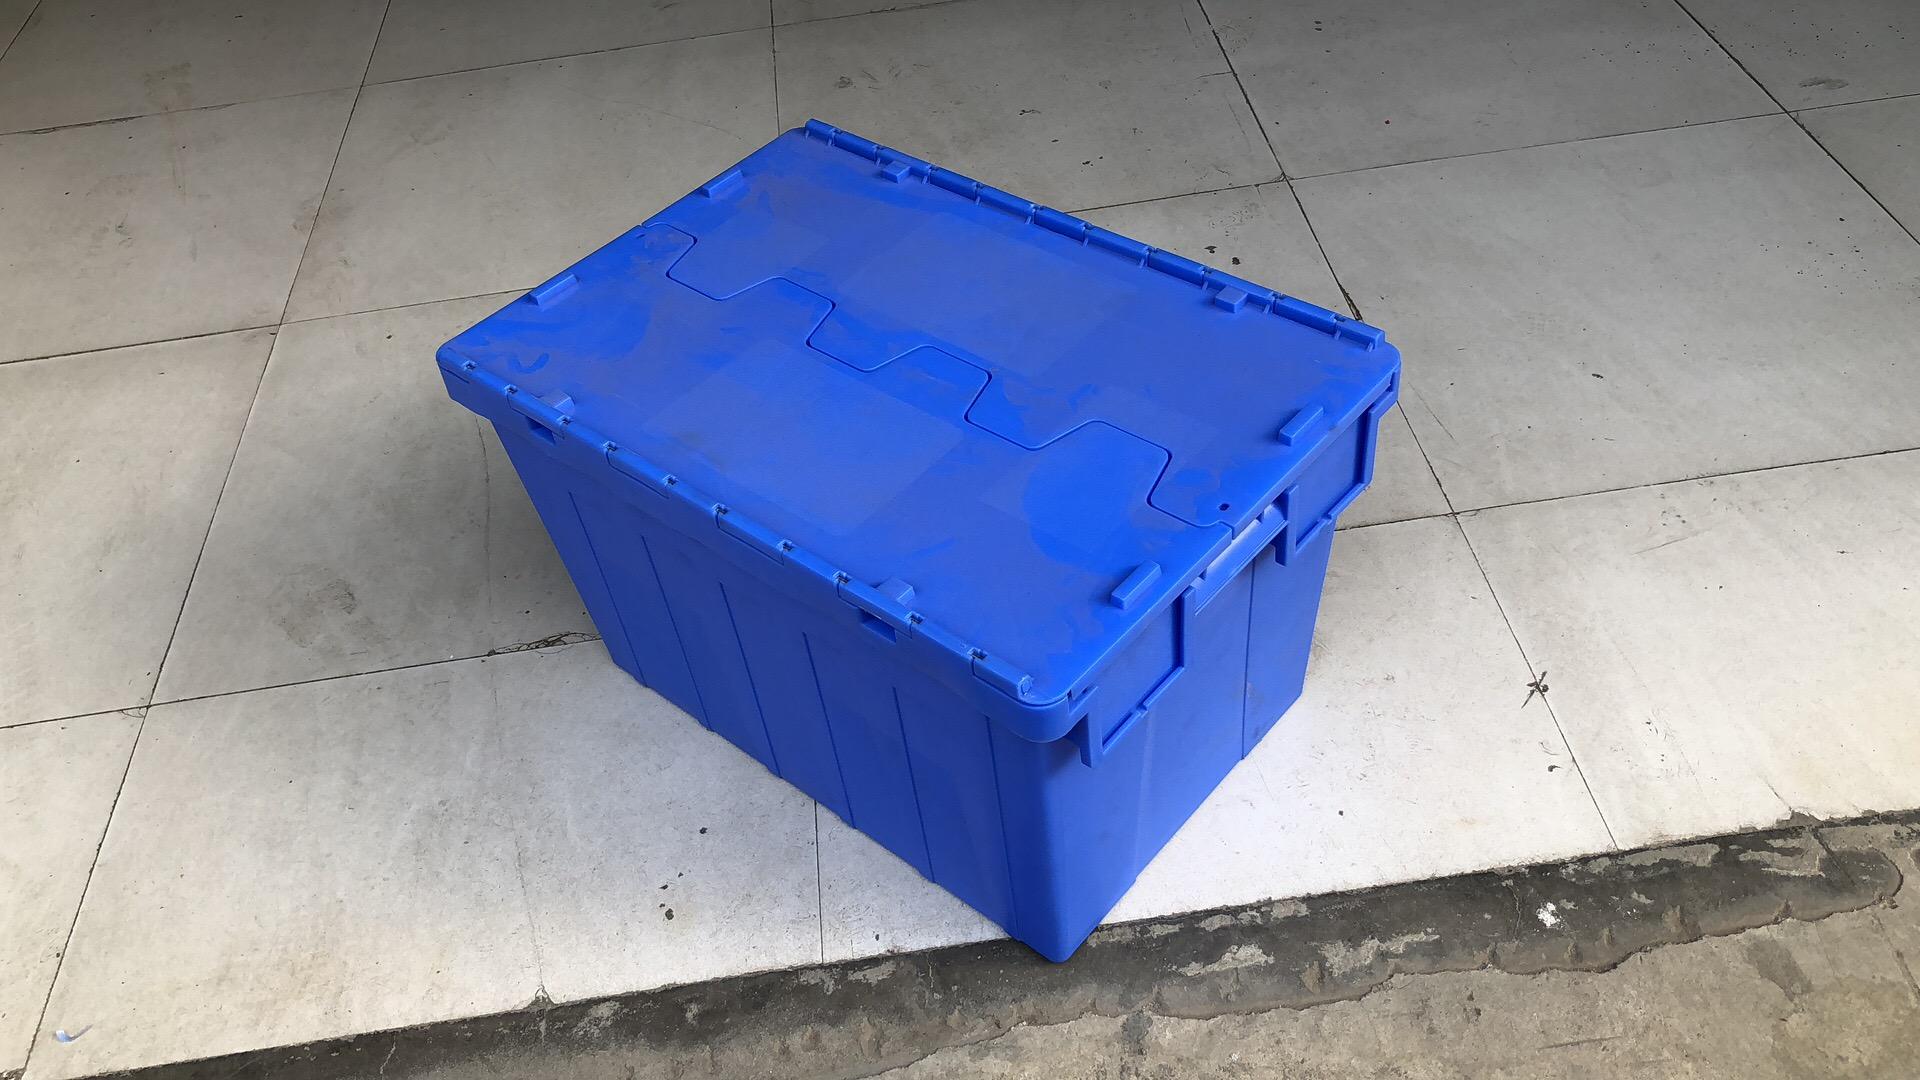 成都物流周转箱 连盖塑料周转箱 翻盖转运箱 斜插式物流箱